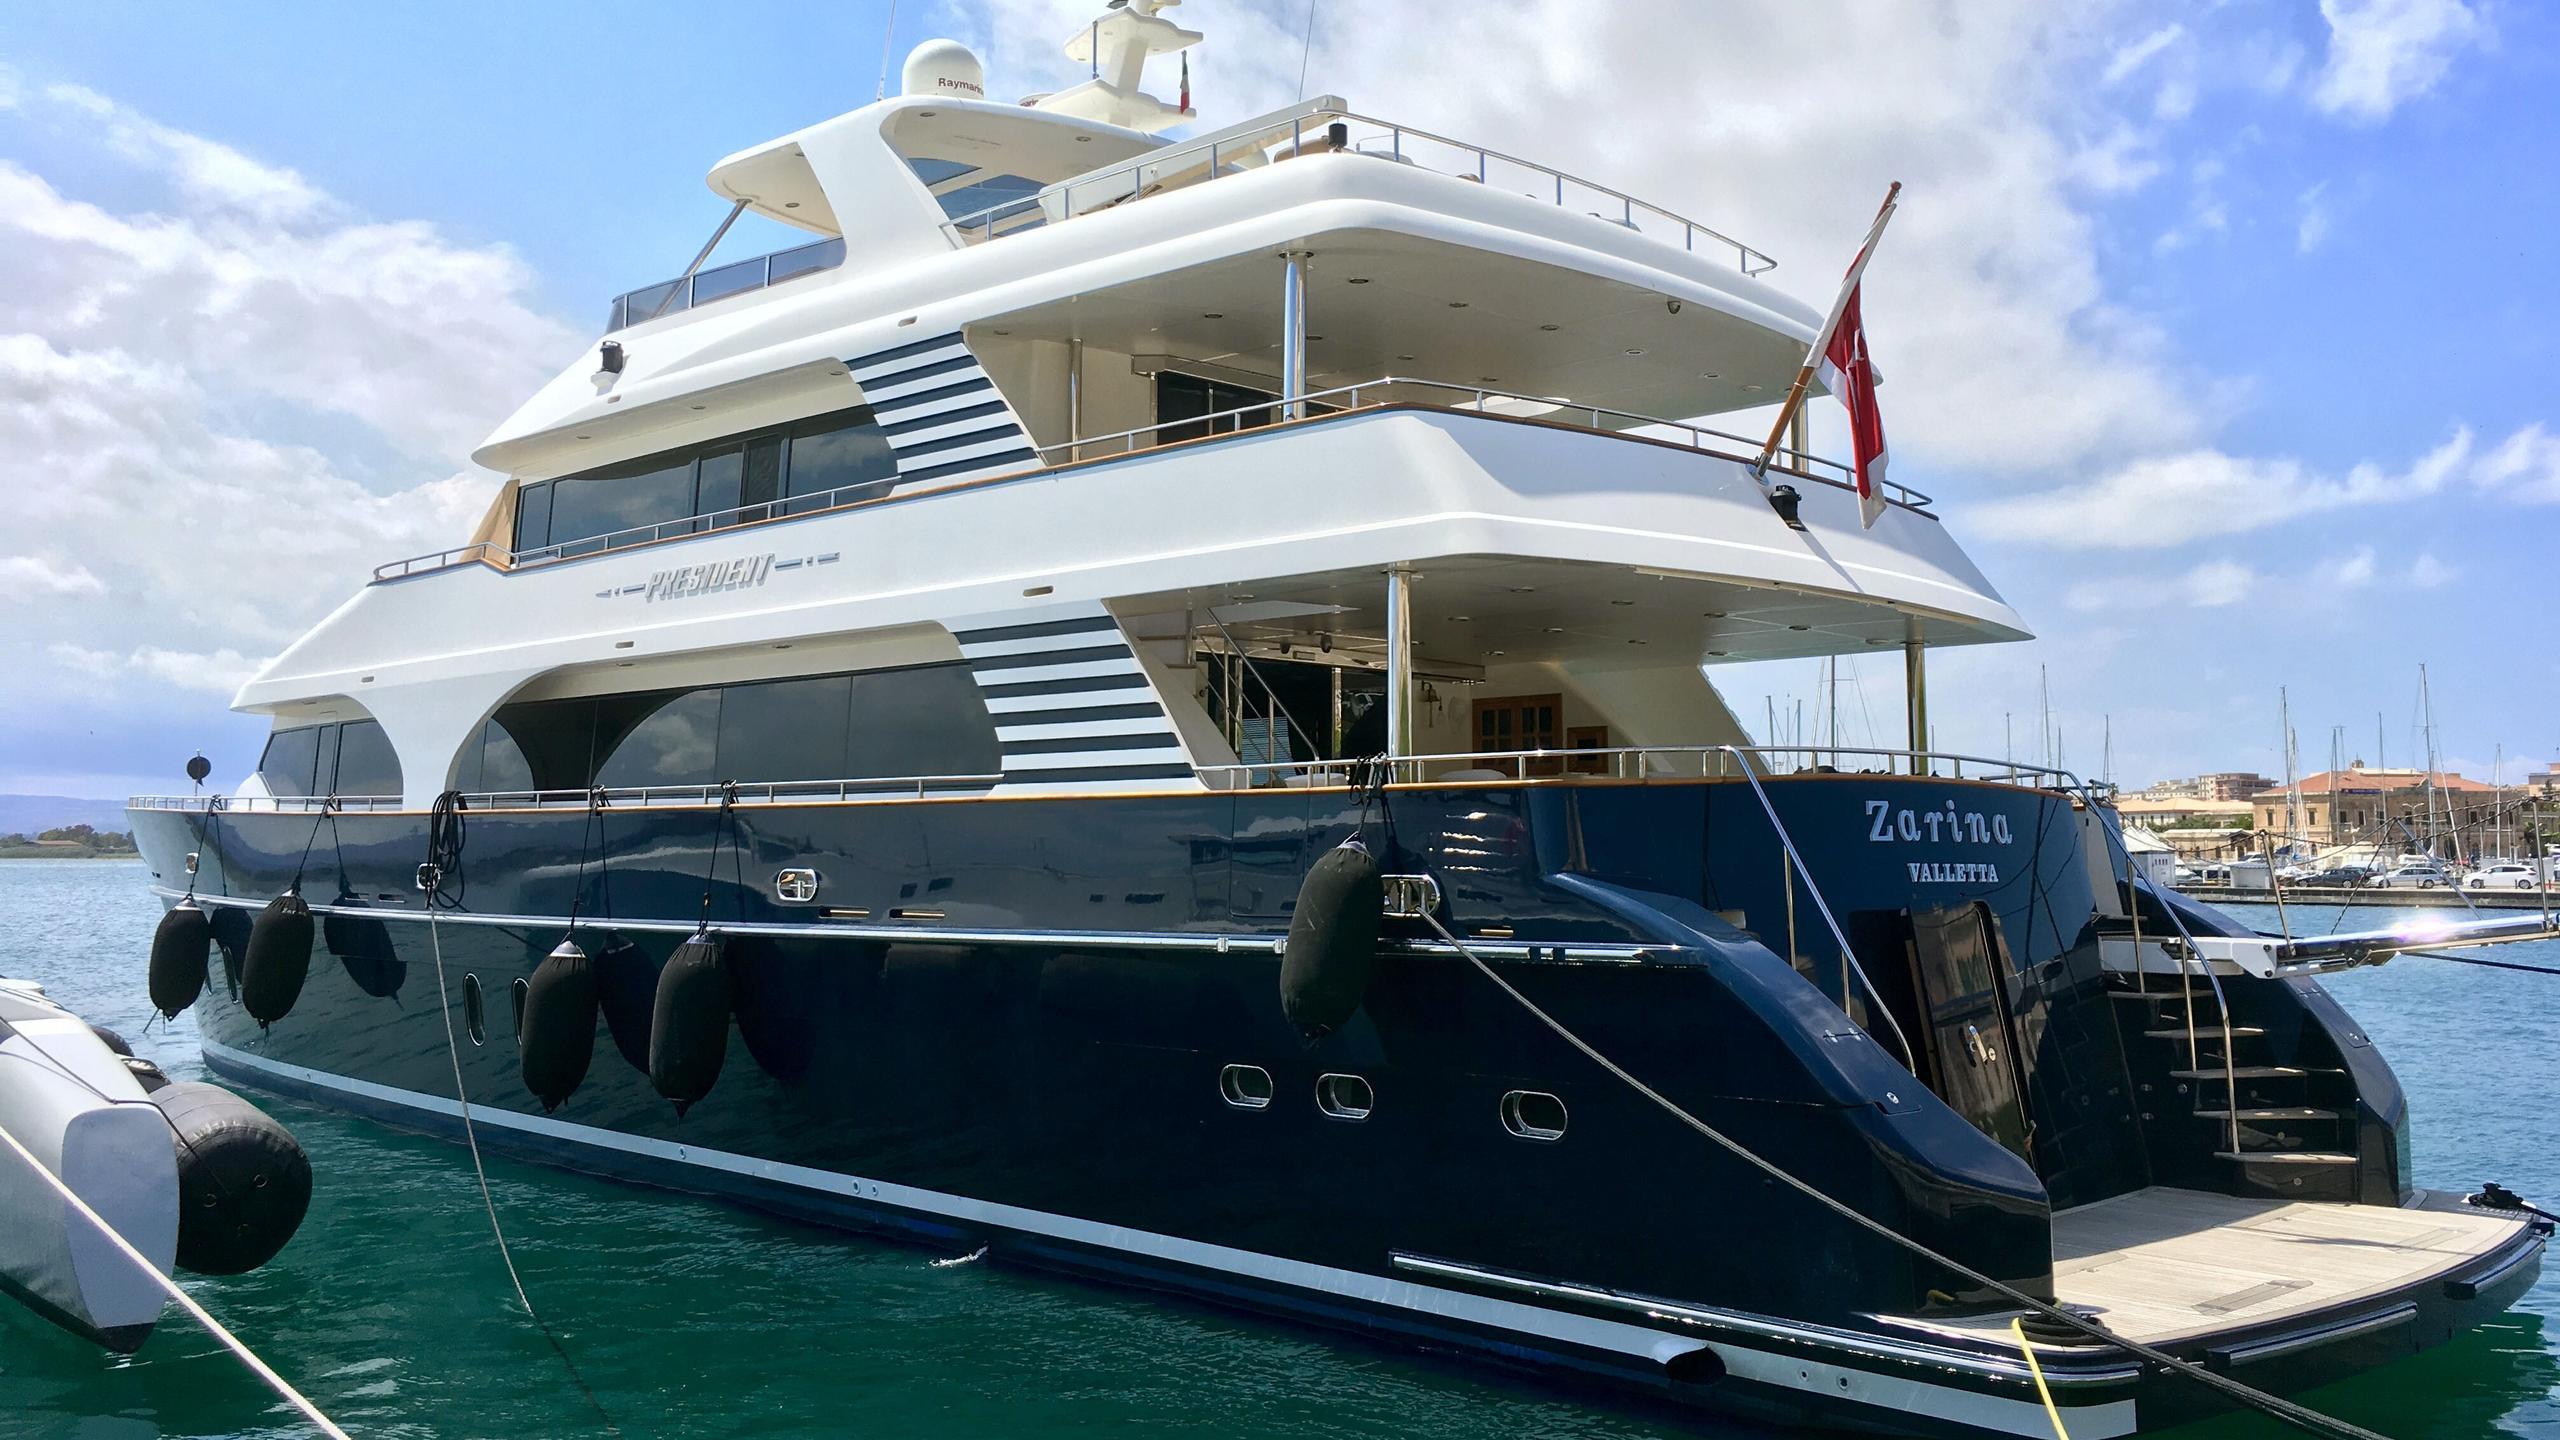 zarina motoryacht president 33m 2009 half stern